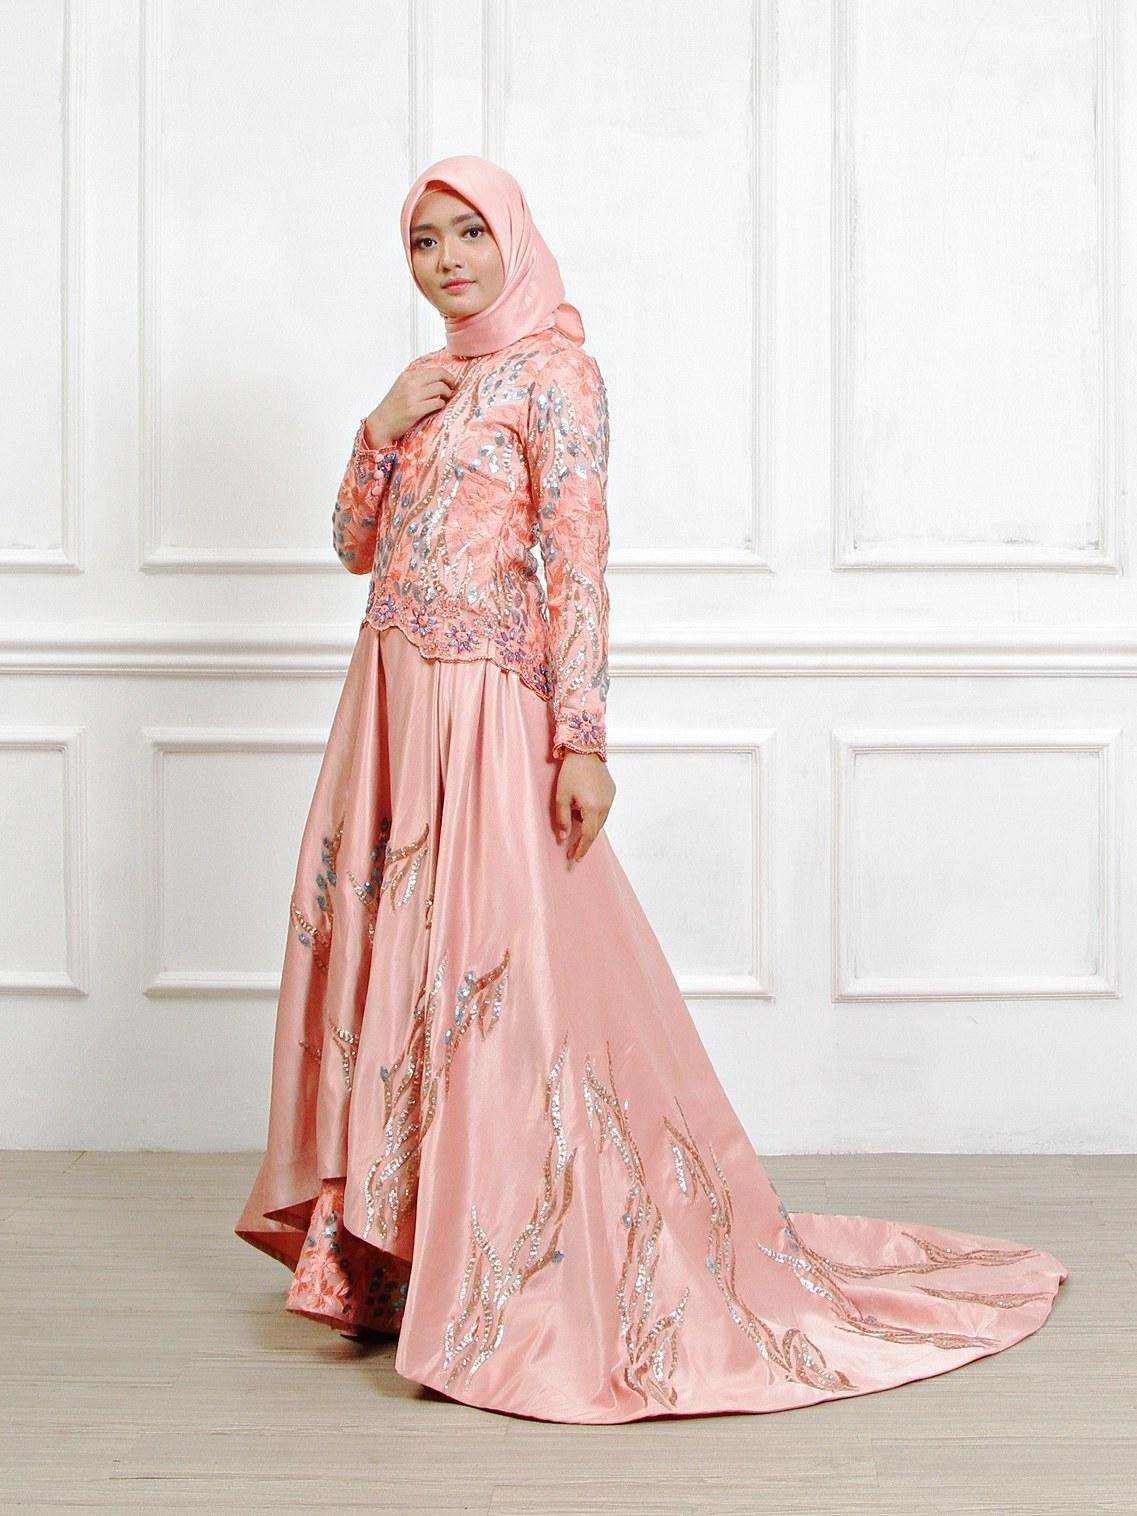 Model Harga Sewa Baju Pengantin Muslimah Xtd6 Sewa Perdana Baju Pengantin Muslimah Jogja Gaun Pengantin